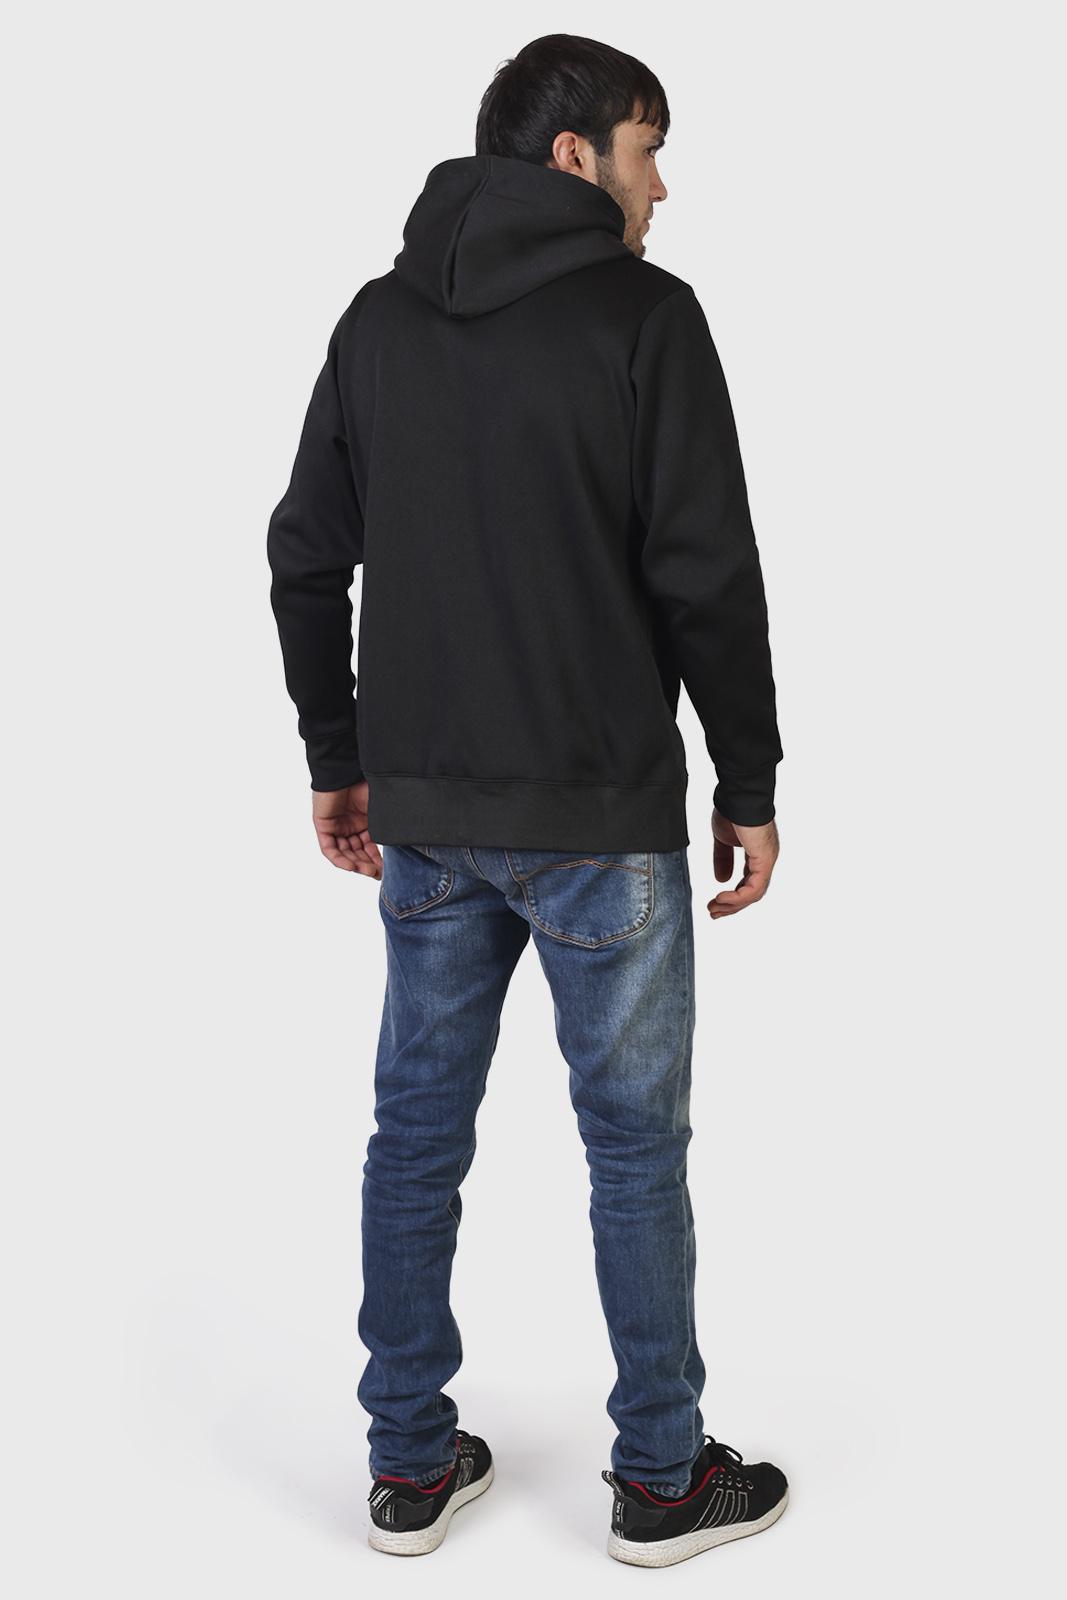 Мужская толстовка с эмблемой Погранвойск купить с доставкой